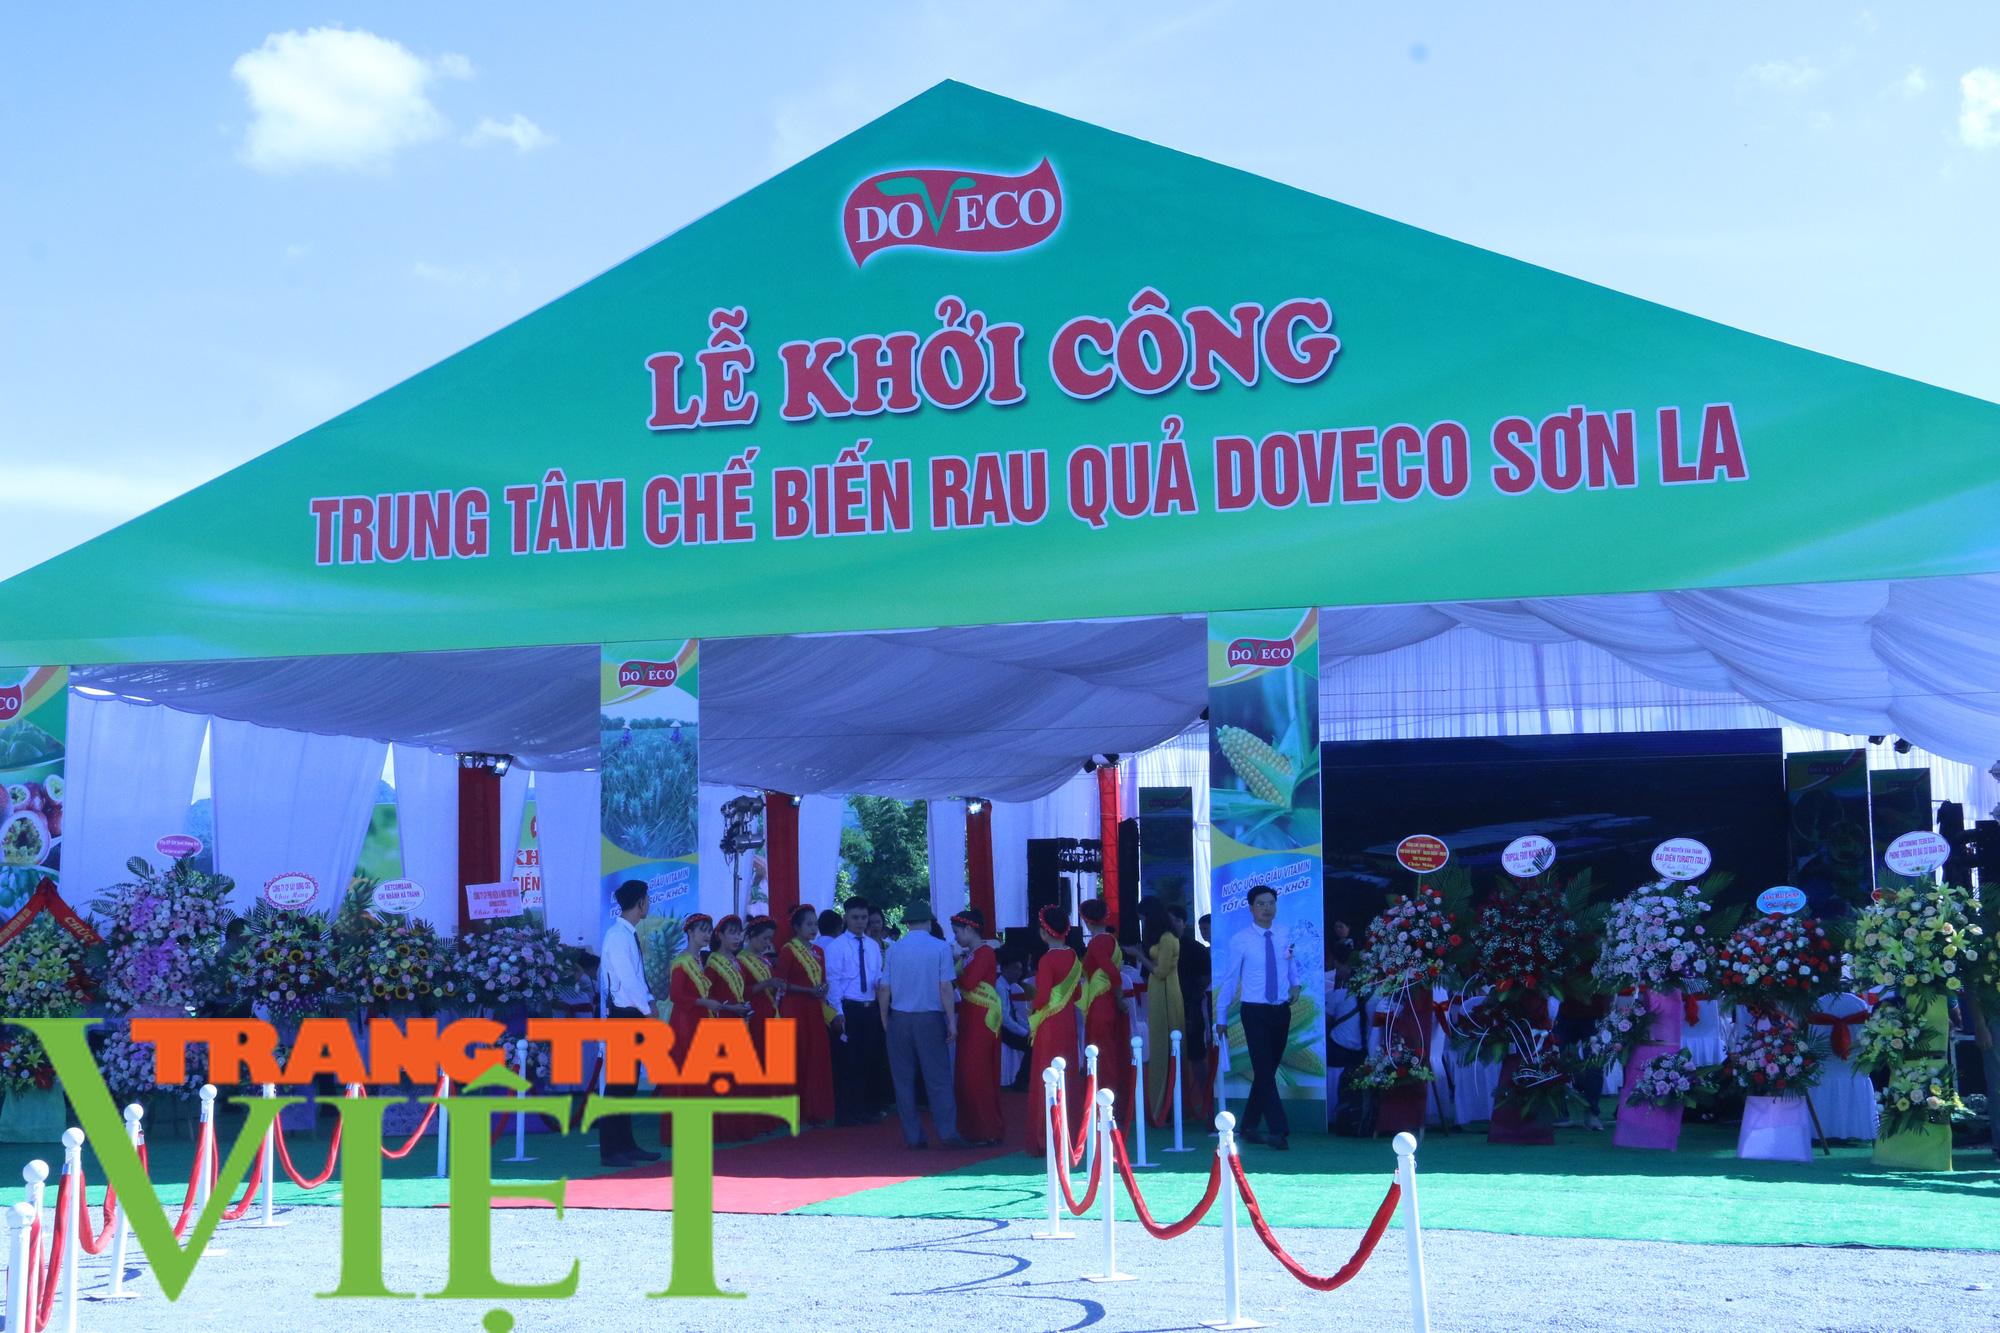 Sơn La: Xây dựng trung tâm chế biến rau, quả tại huyện Mai Sơn - Ảnh 1.